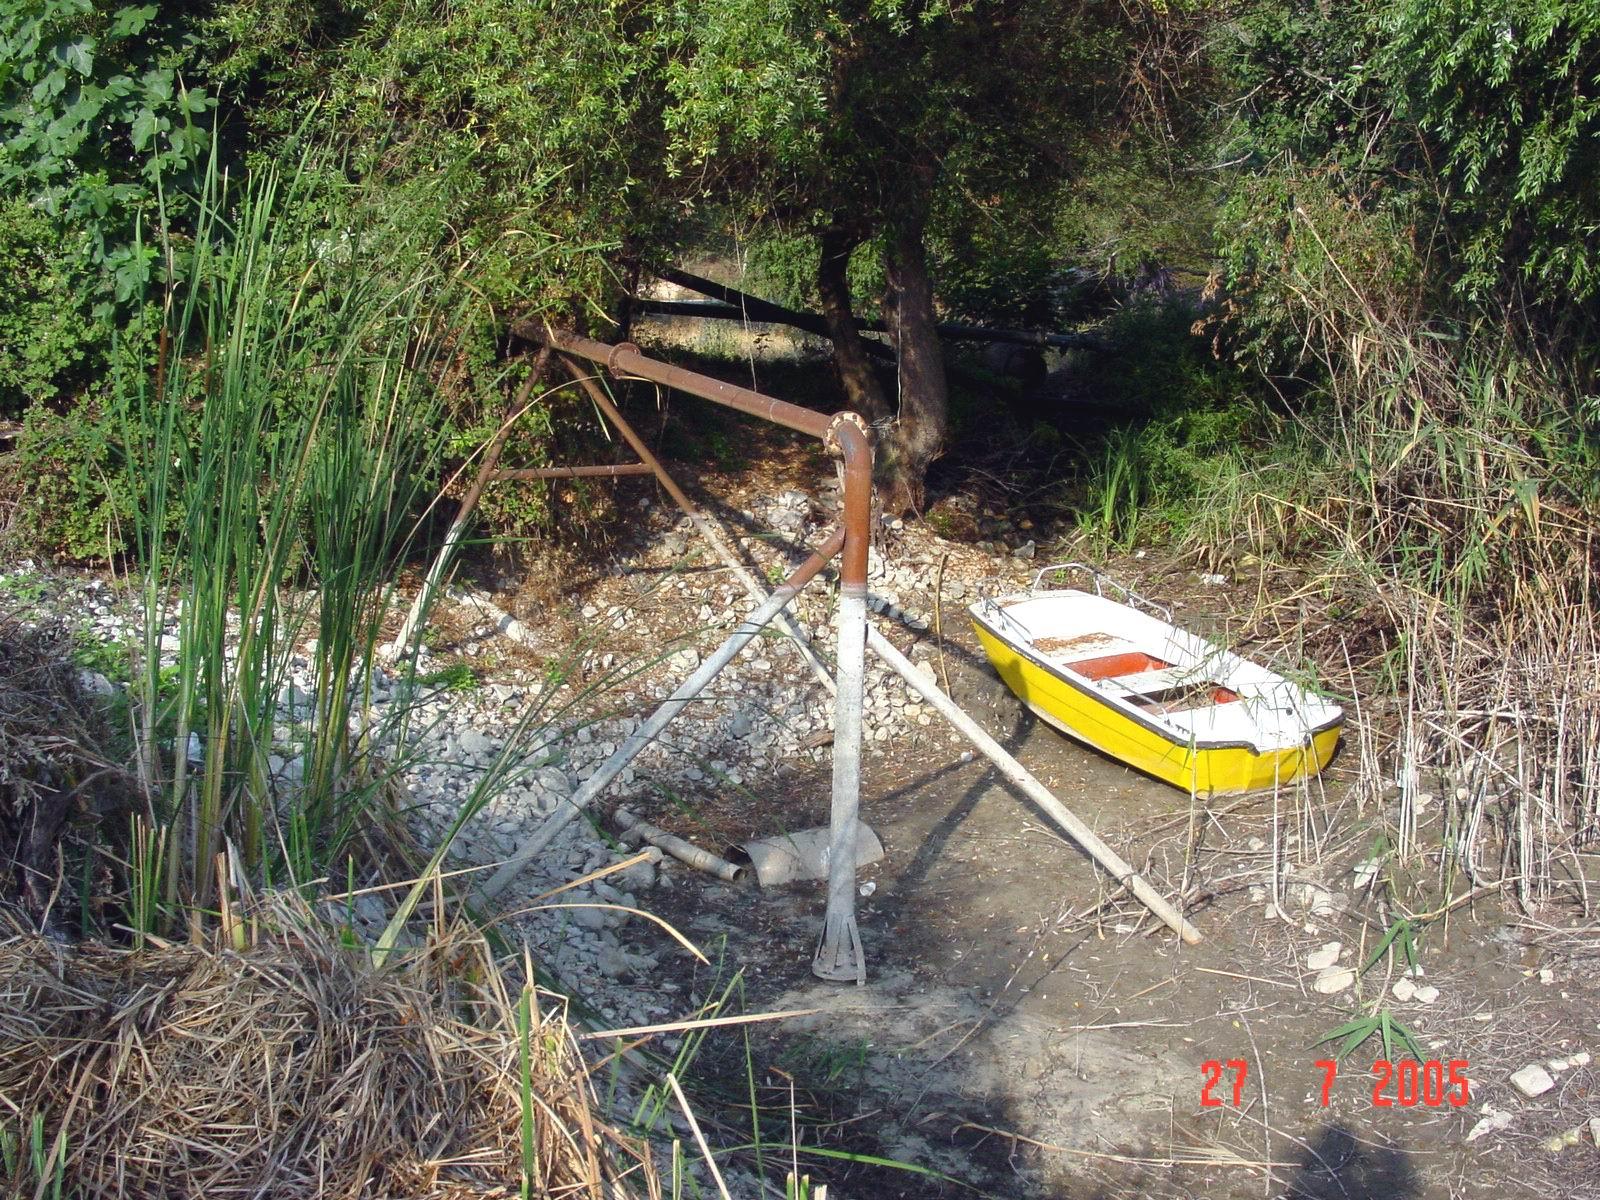 Λειψυδρία : Πηγές Μάτι Τυρνάβου - Λίμνη Αργυροπουλίου